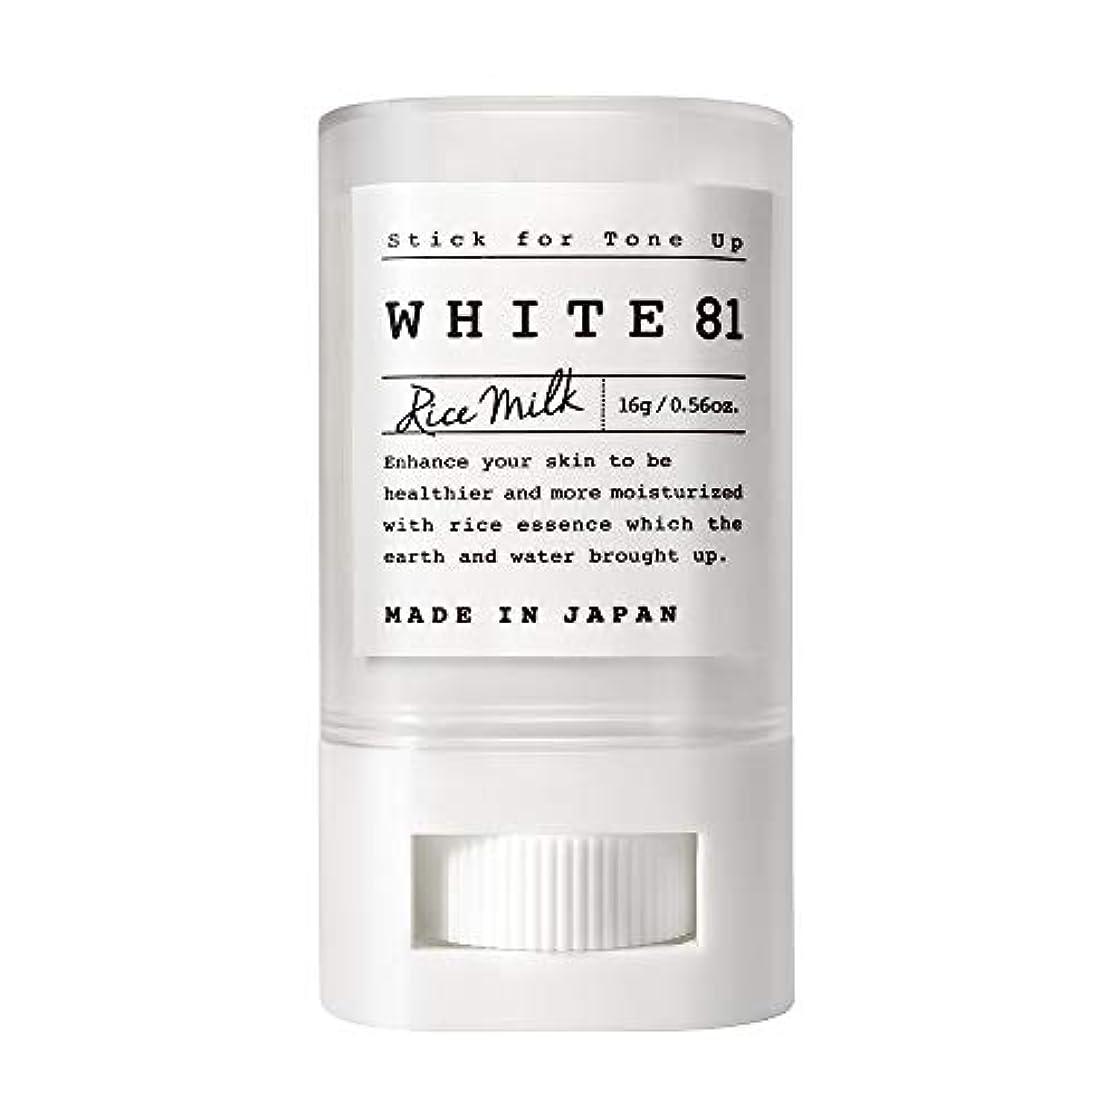 ガレージアルコール強いますWHITE81 ホワイト81 トーンアップスティック(化粧下地?日焼け止め / SPF35?PA+++?ウォータープルーフ?複合保湿成分配合?肌に優しい6種のフリー / 日本製)